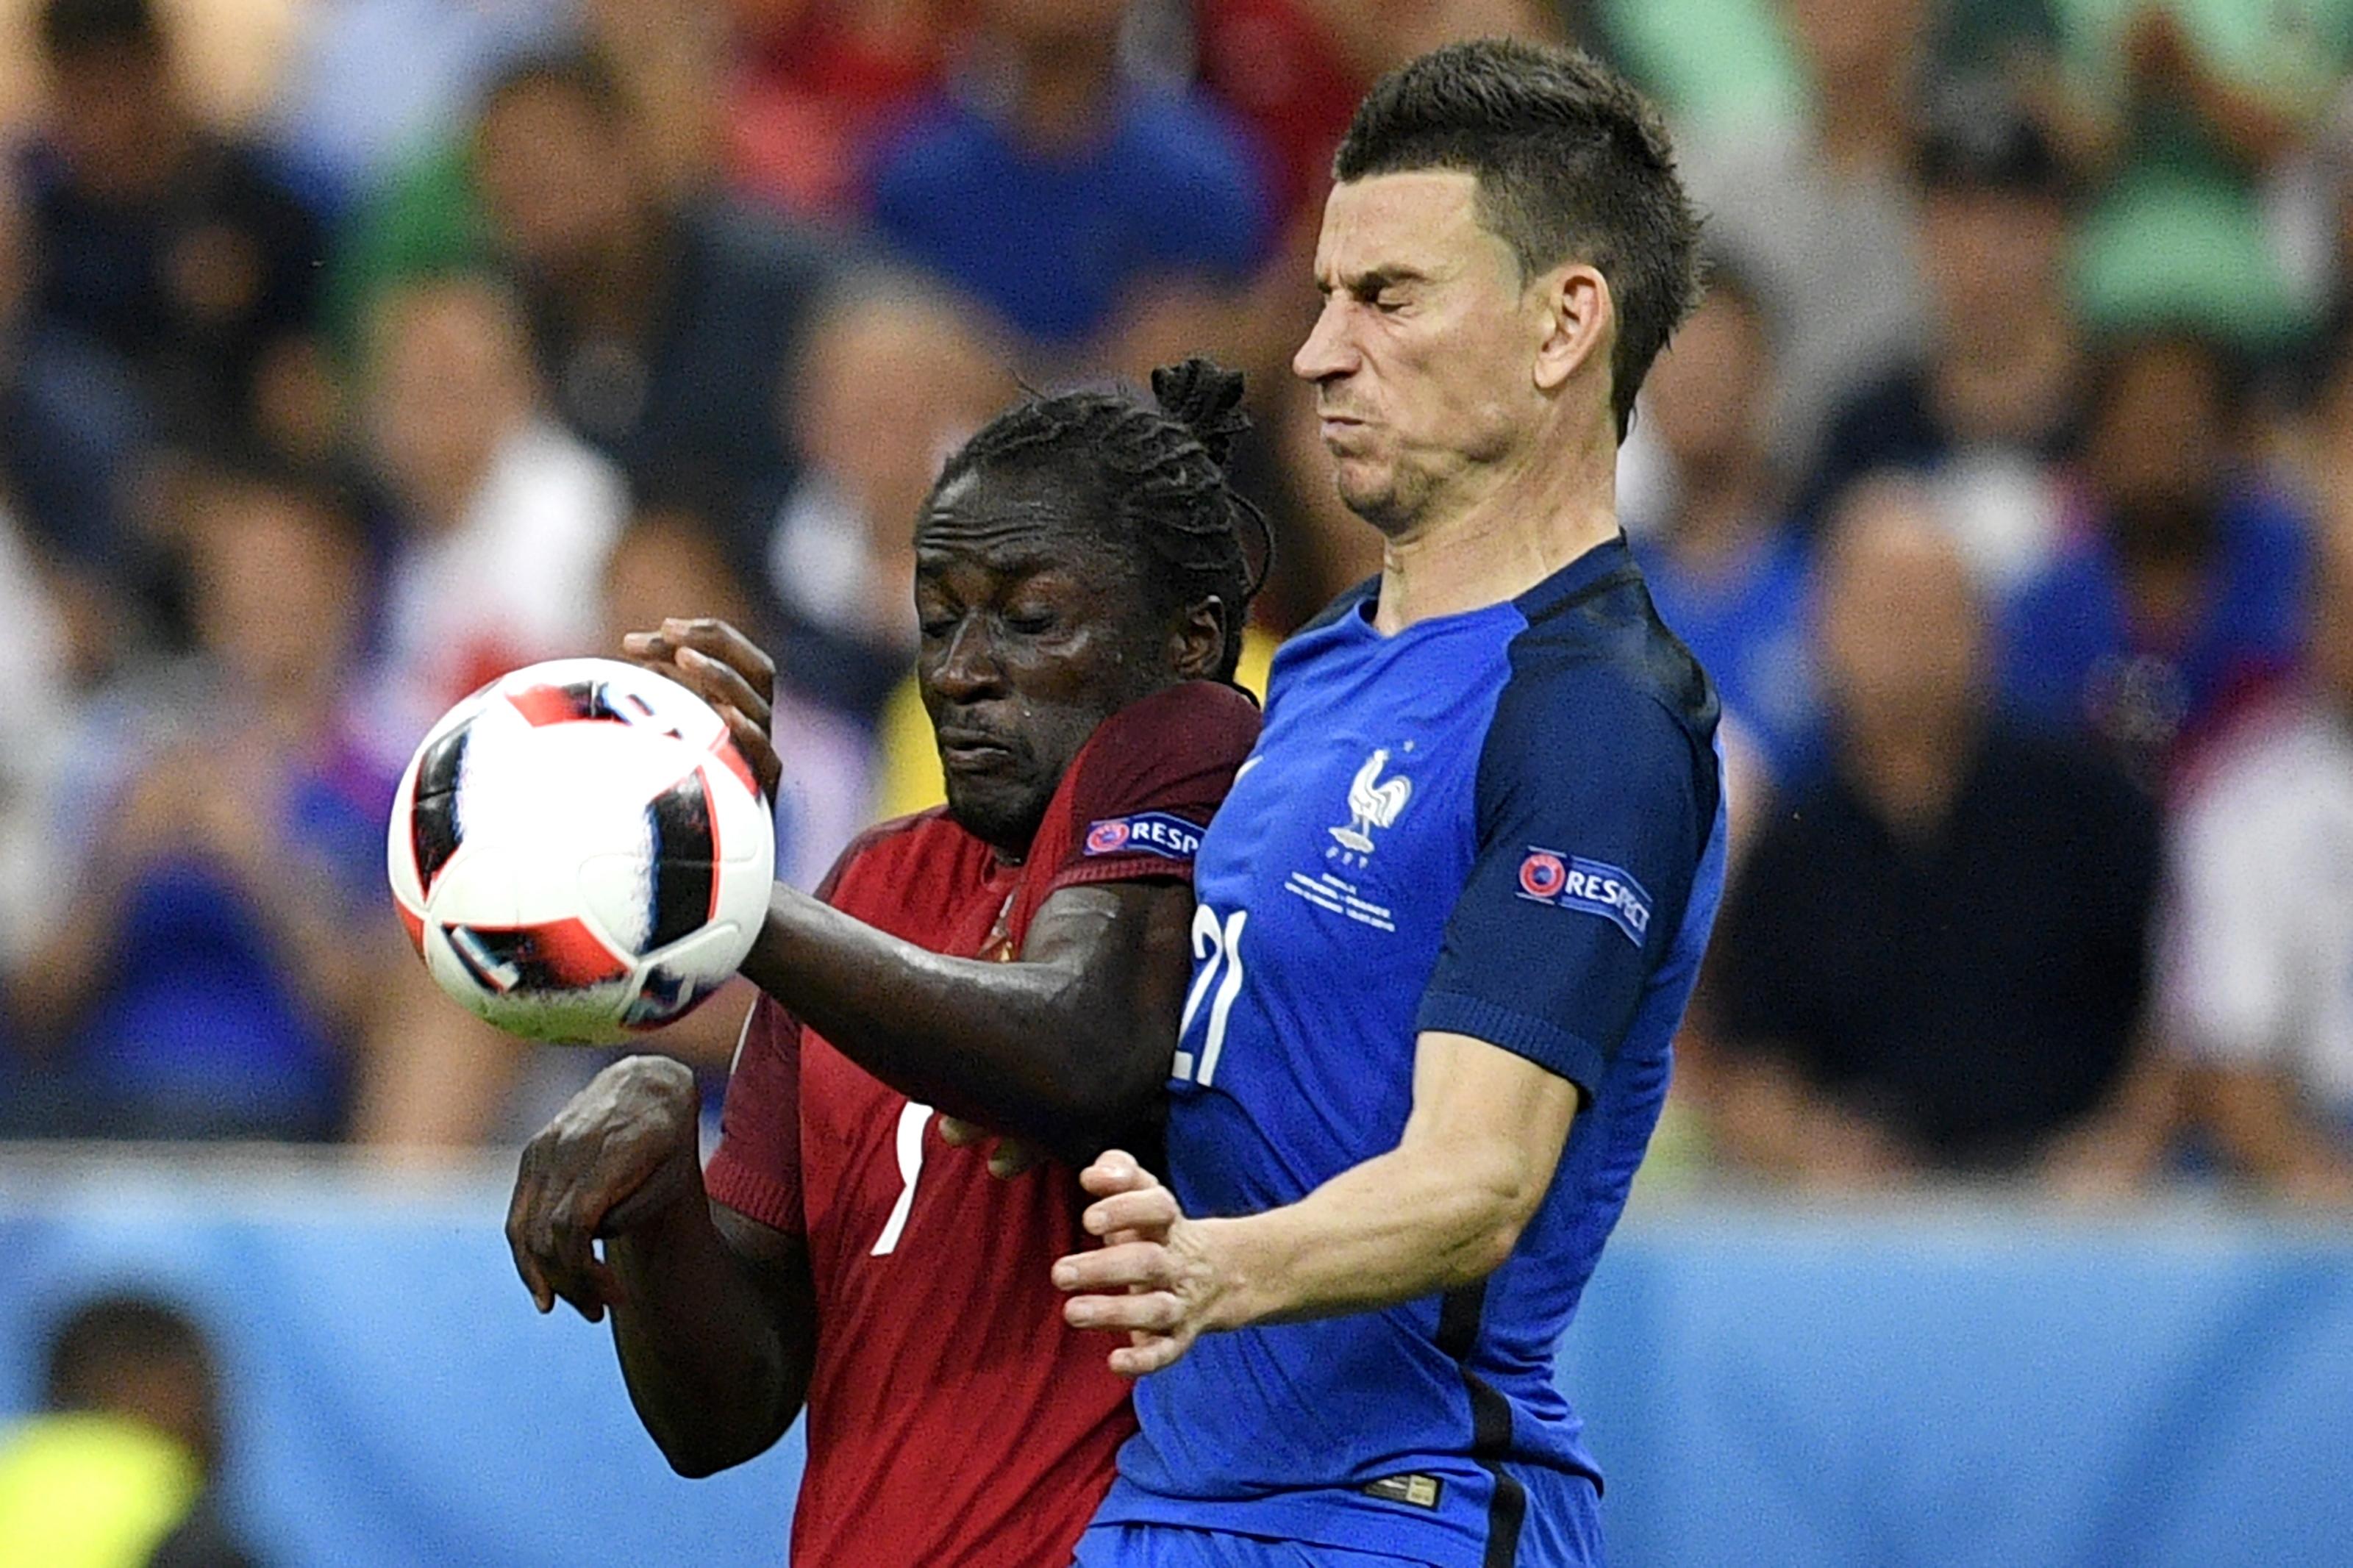 葡萄牙前鋒艾達盧比斯與法國後衛哥斯尼在比賽中爭球。(MARTIN BUREAU/AFP)